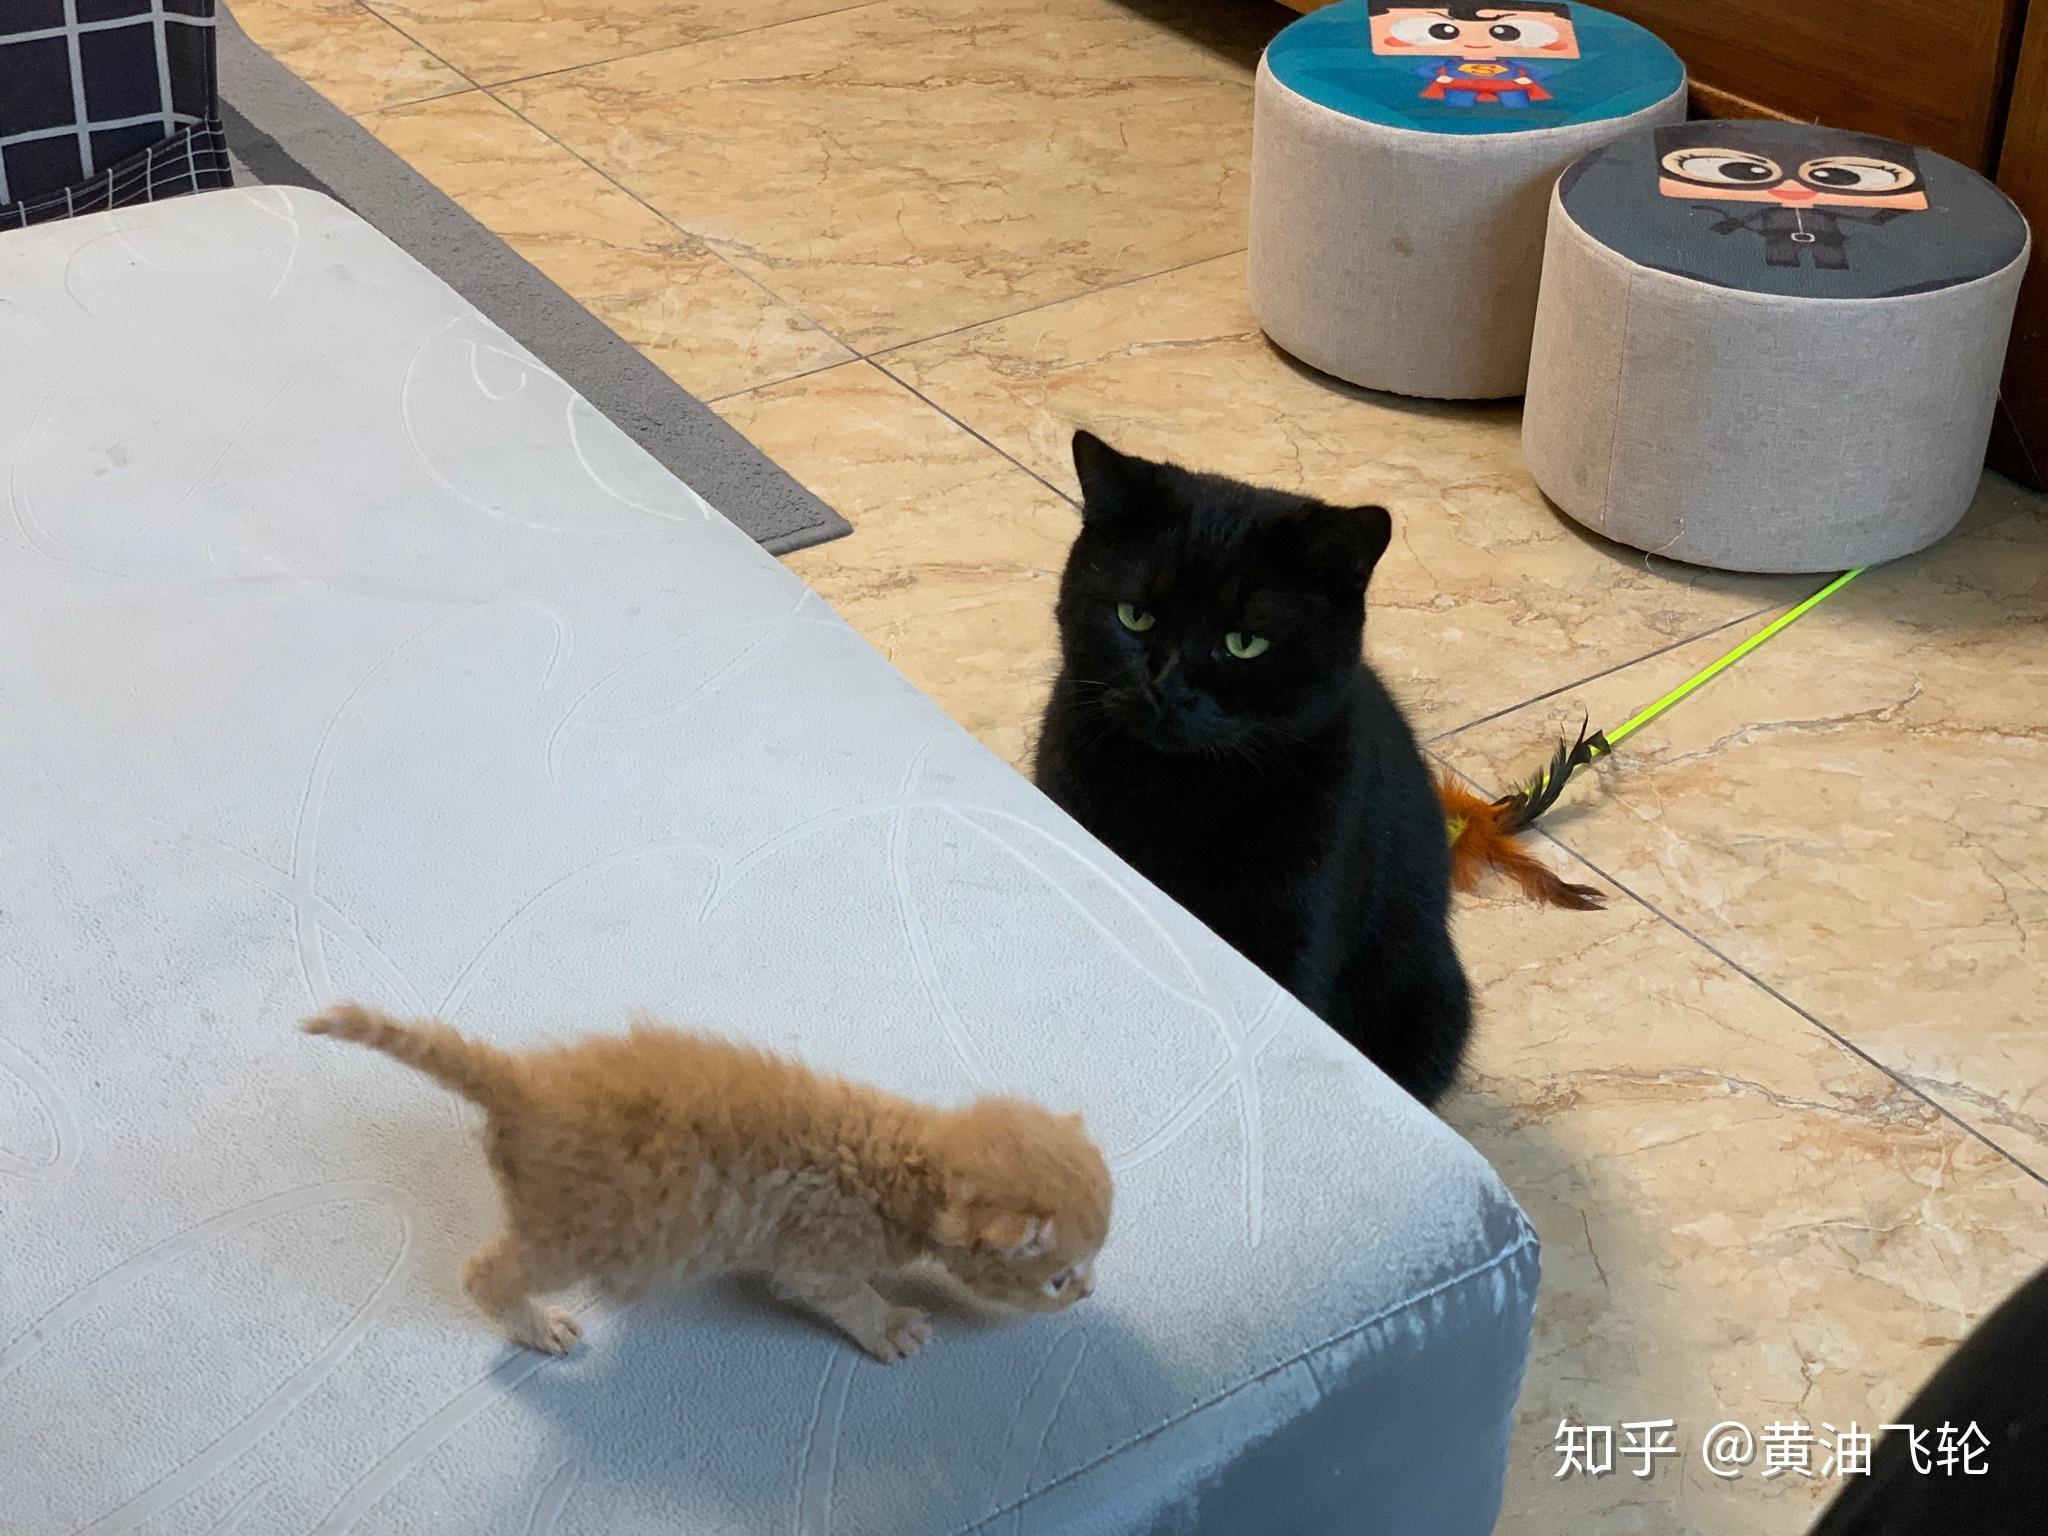 吃死猫的眼睛_收养刚出生的猫,它会不会认为你是它的妈妈?会不会很黏你 ...